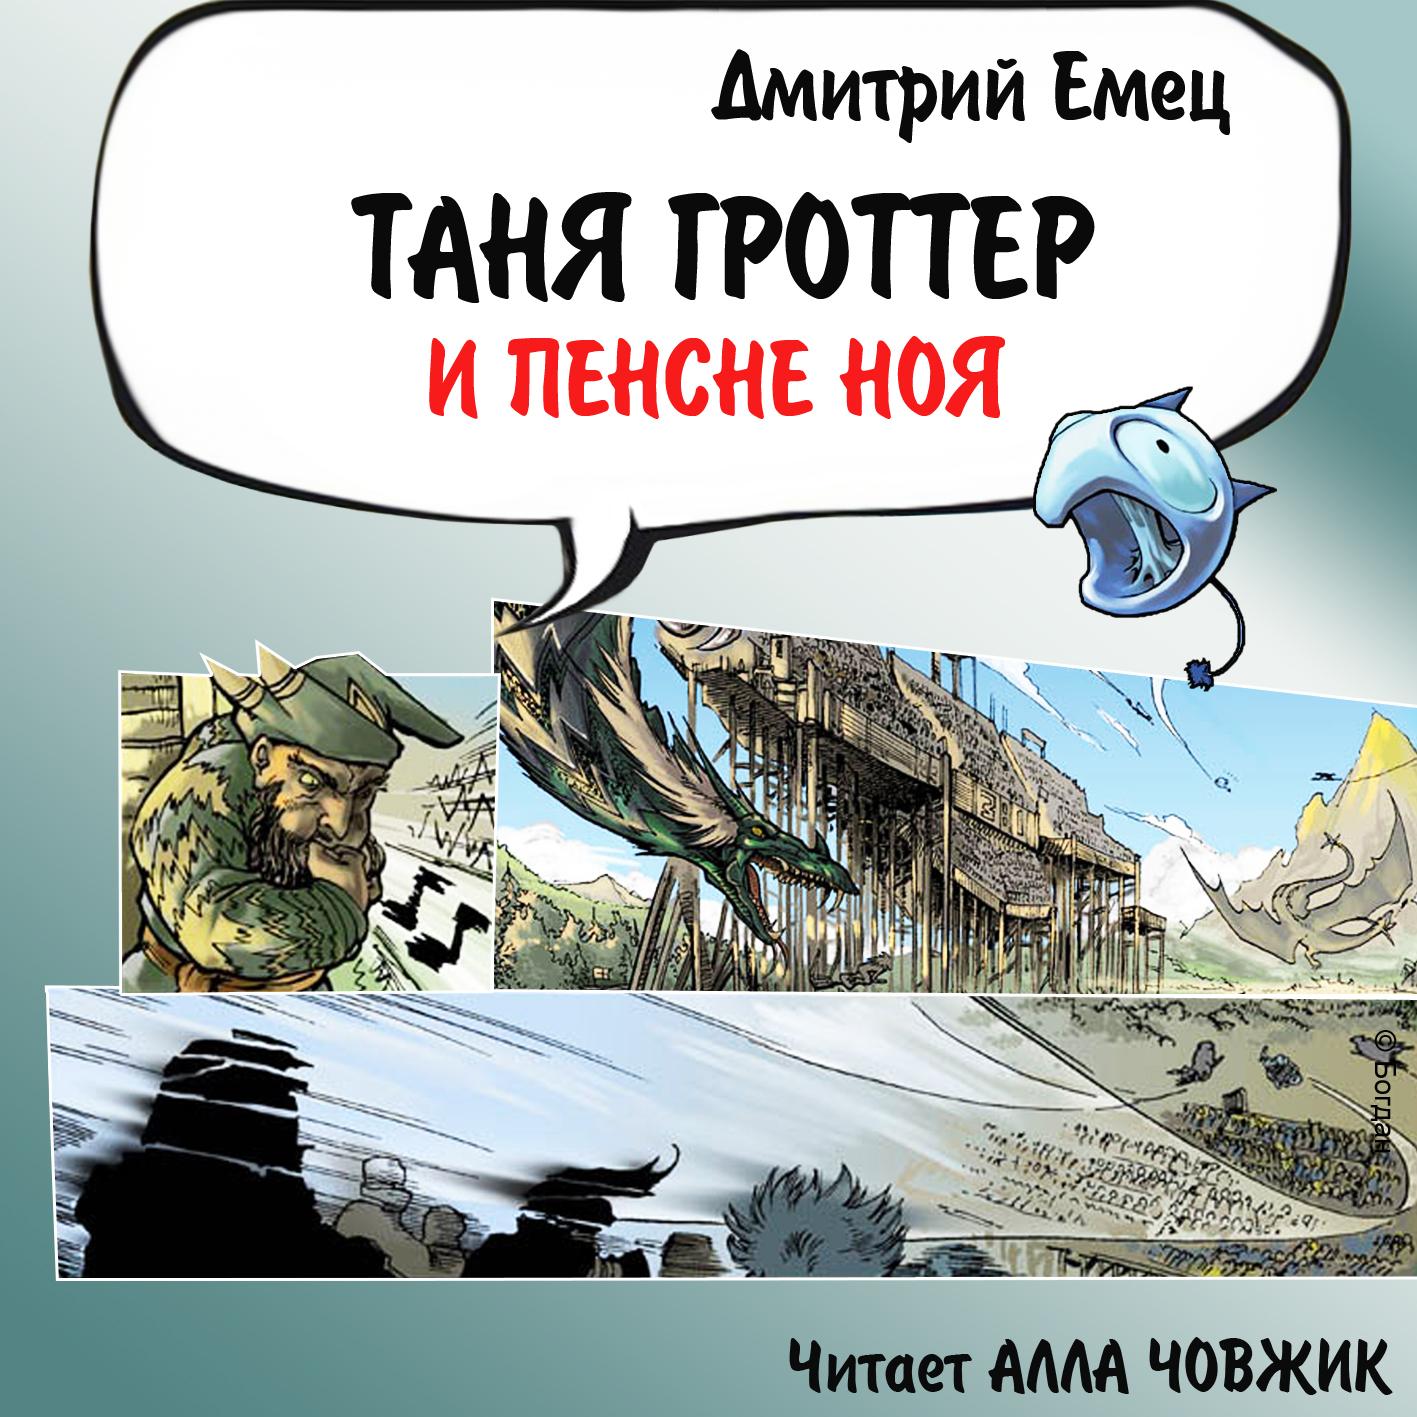 Таня Гроттер и пенсне Ноя